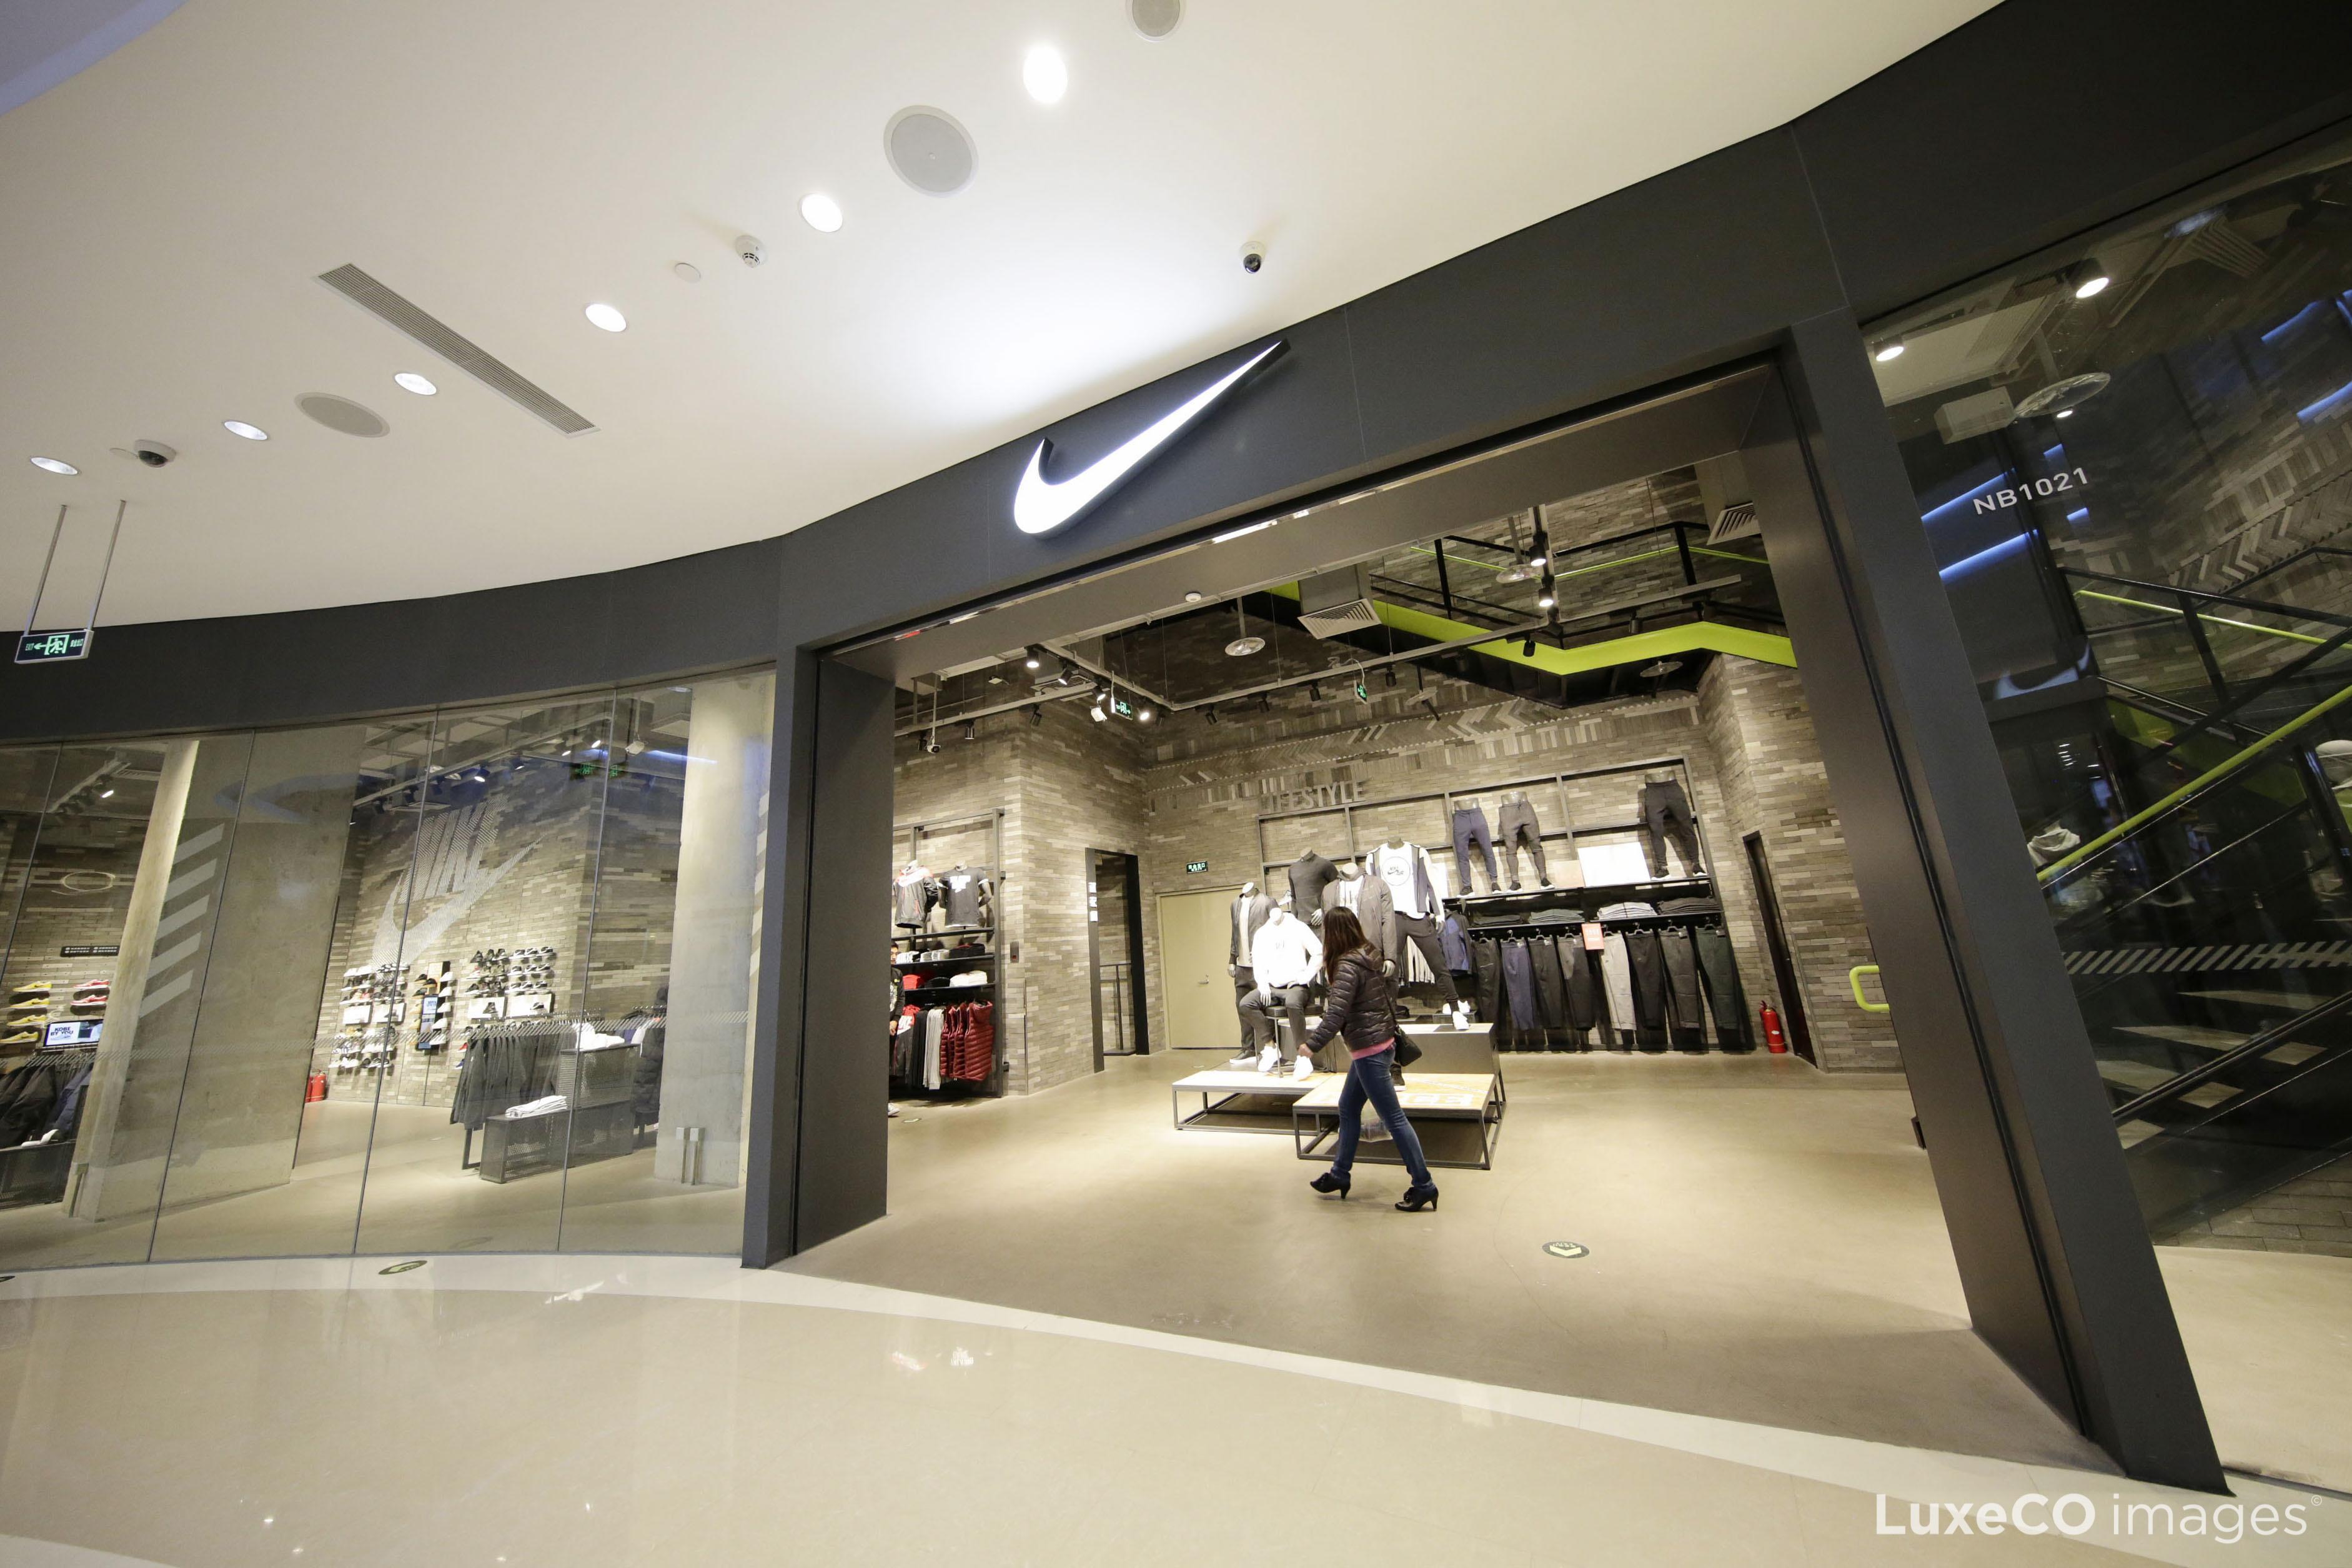 Nike 高层换血并进行裁员,或将耗资 2.5亿美元